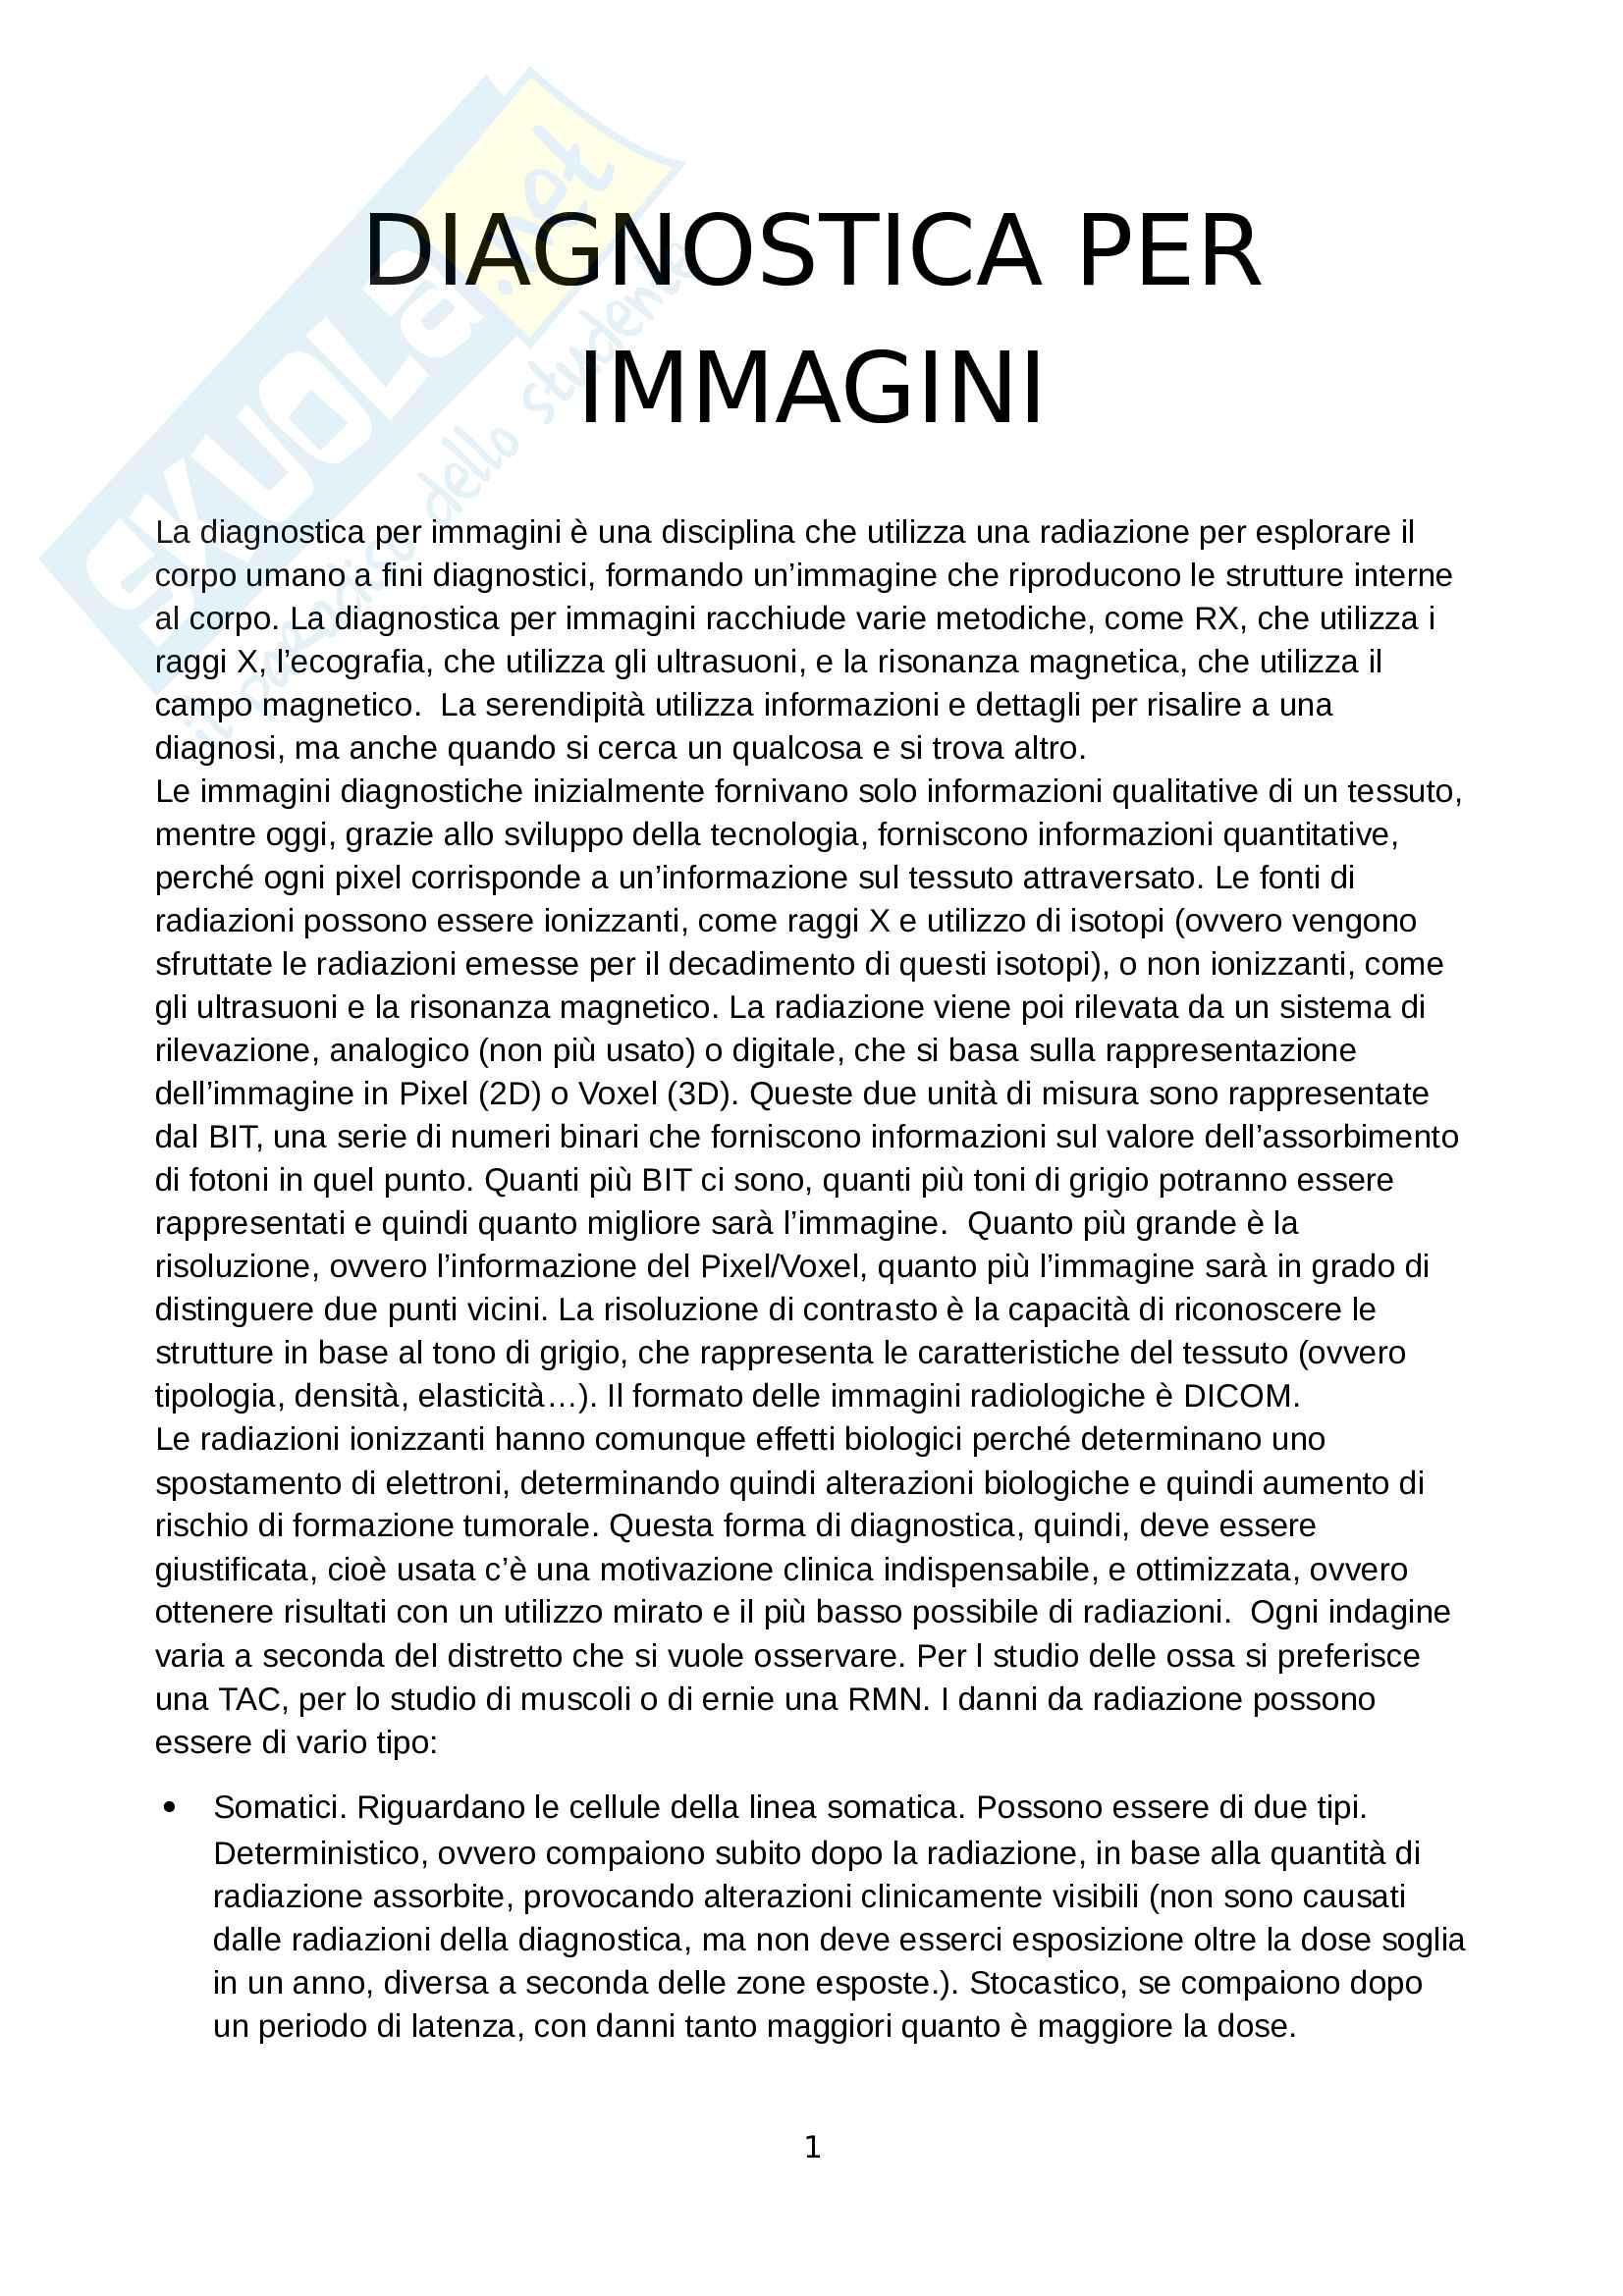 Appunti di diagnostica per immagini